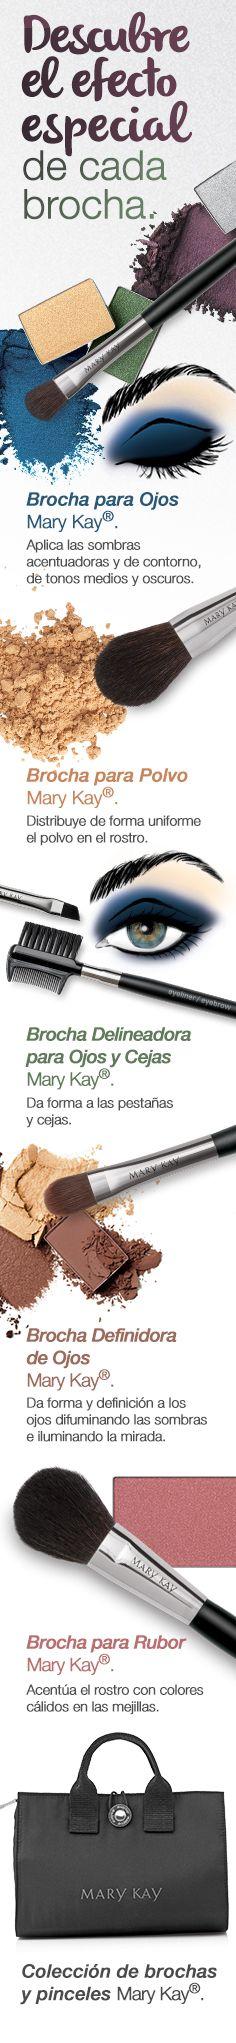 Ahora que sabes para qué sirve cada brocha, no volverás a sentirte perdida a la hora de maquillarte. Consigue todas las brochas con el estuche Mary Kay incluido en:  www.marykay.com.co